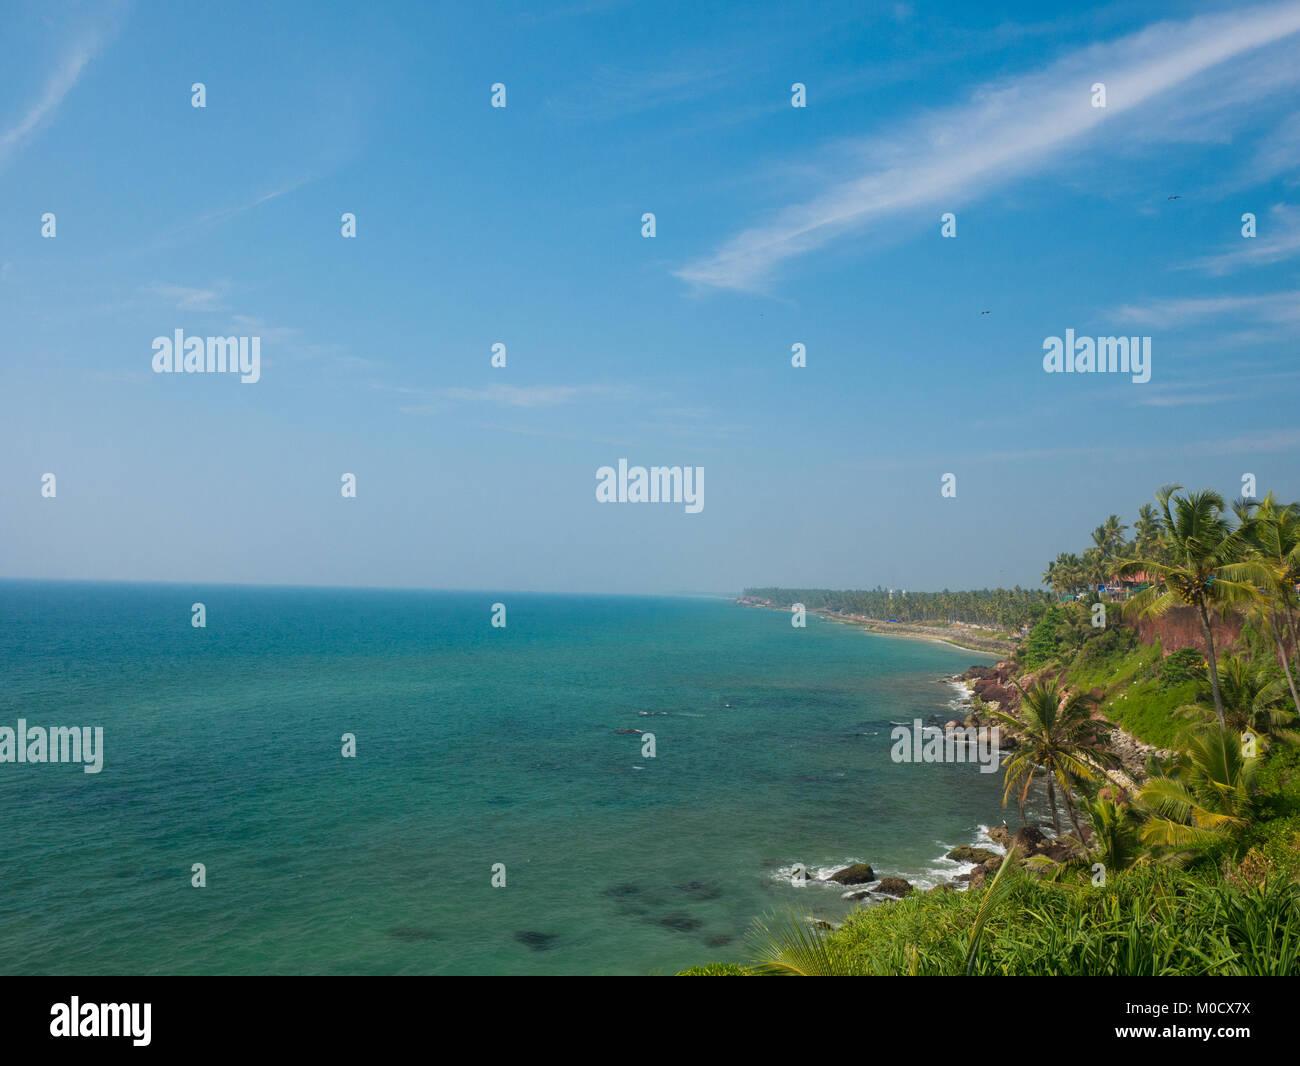 Varkala beach, Kerala, South India Stock Photo